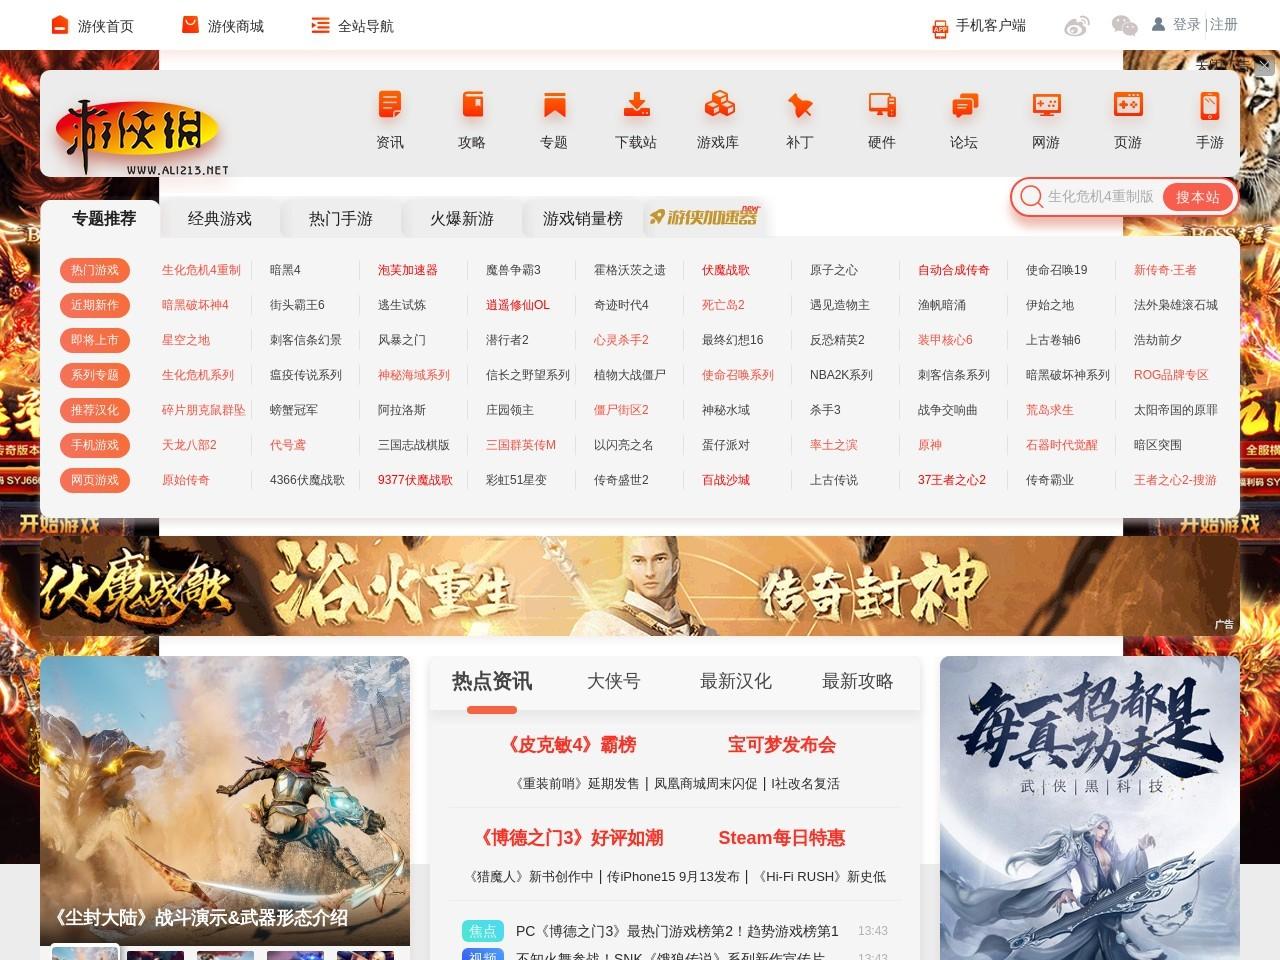 《生化危机8》中国香港宣传启动 八尺夫人登上双层巴士_游侠网 Ali213.net